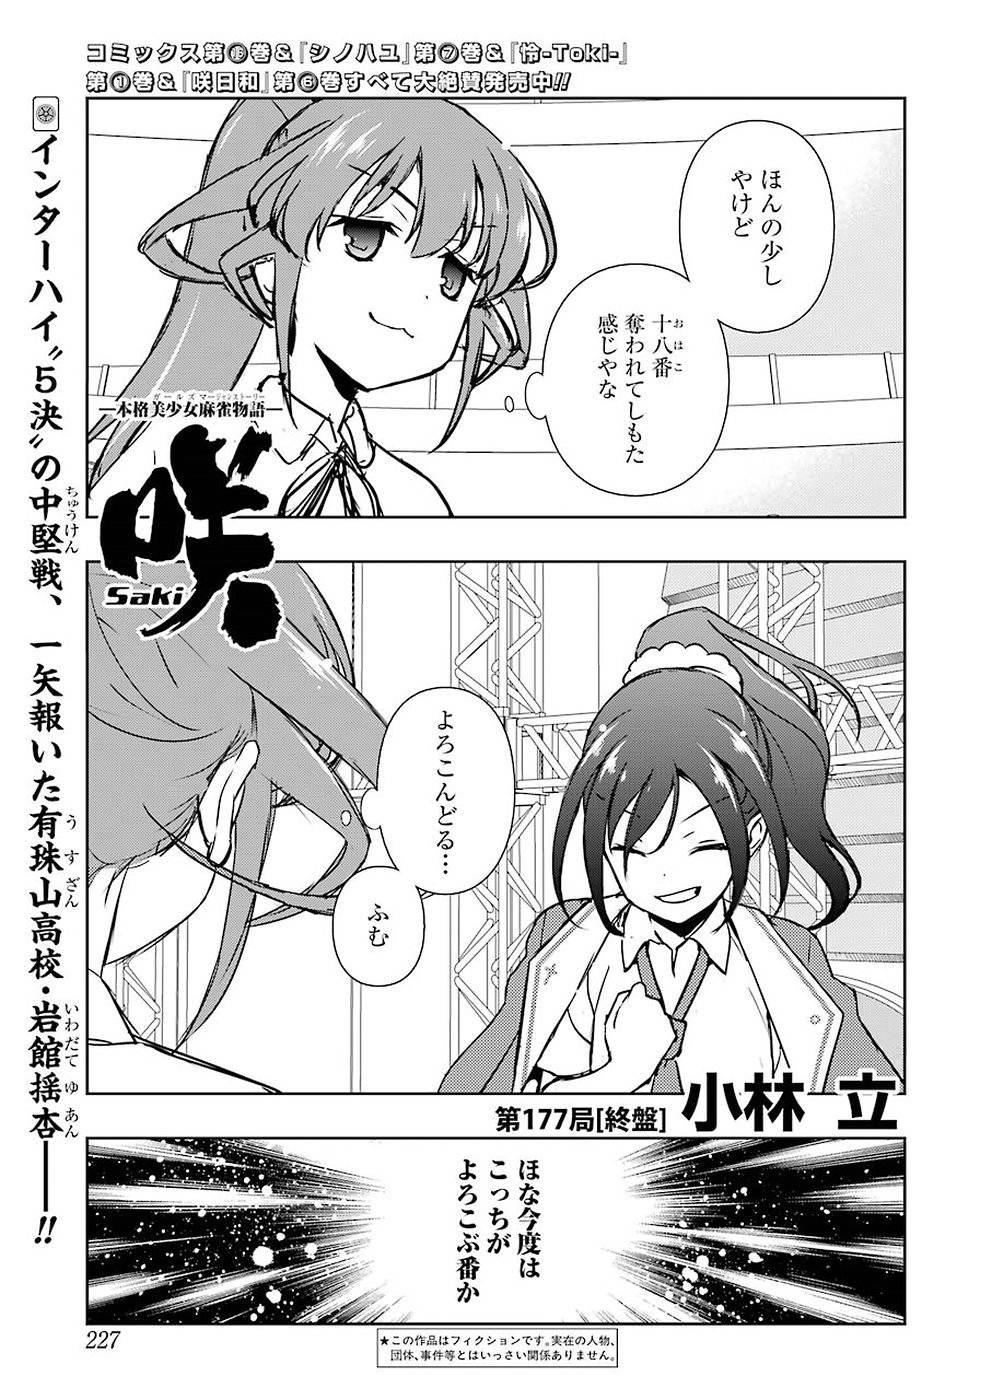 Saki Chapter 177 Page 1